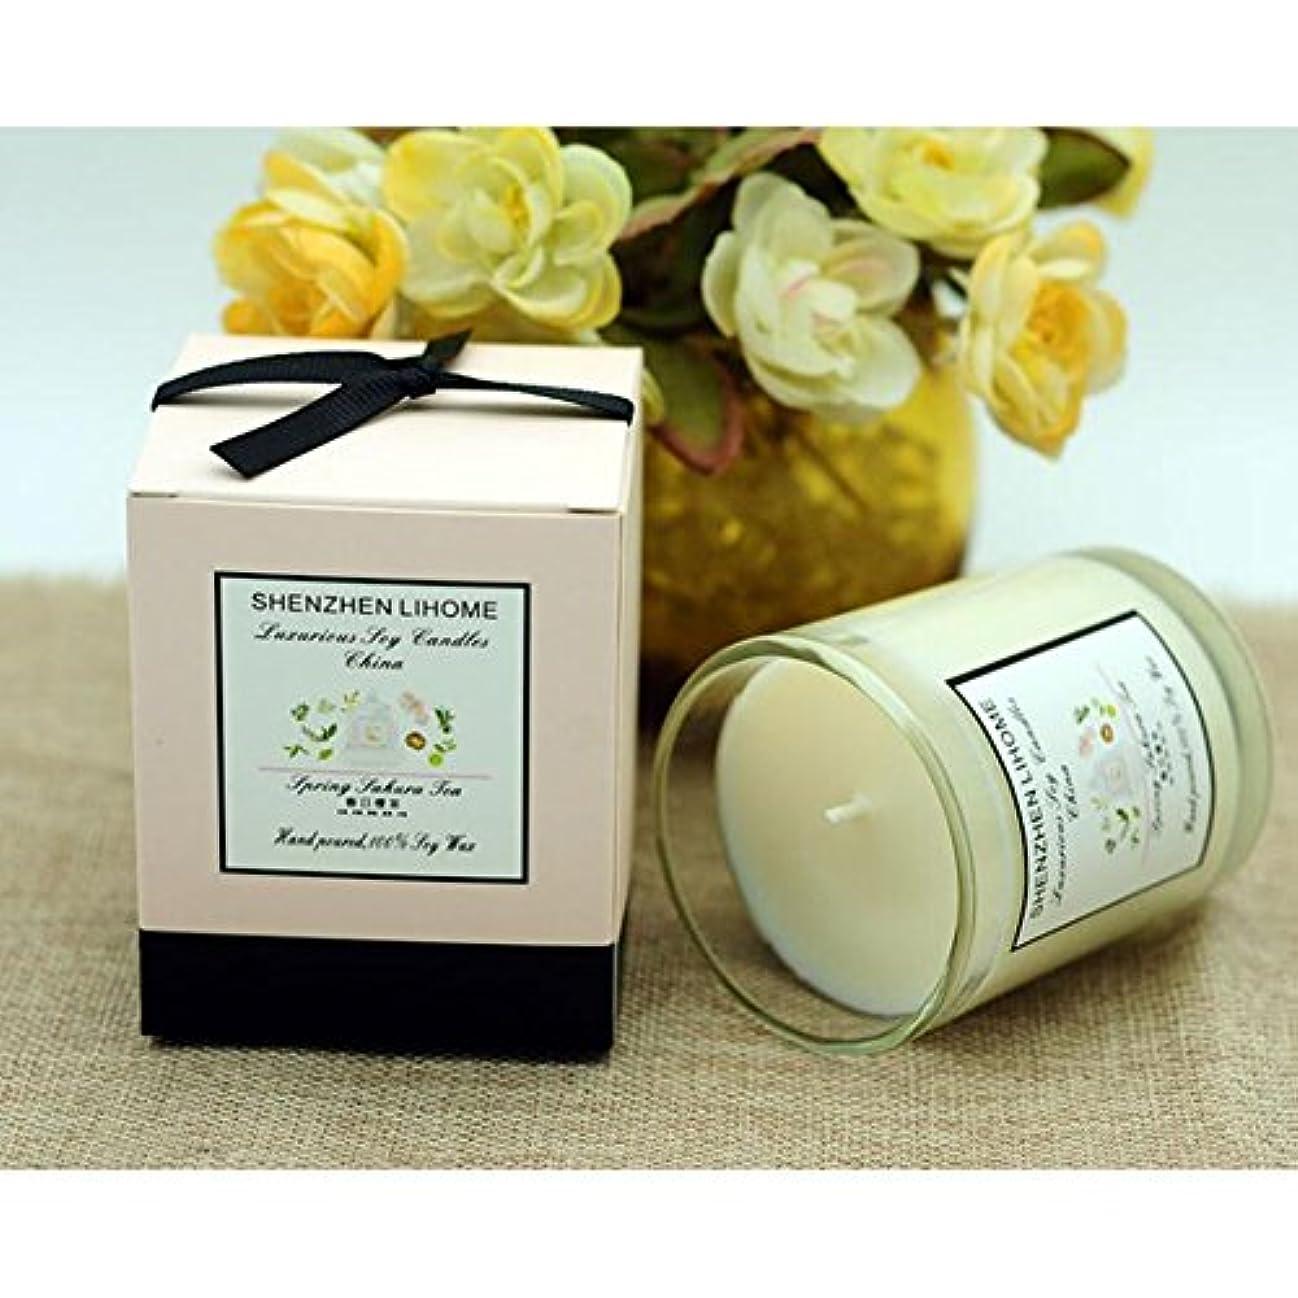 核ボイド内部Liebeye キャンドル 大豆ワックス ロマンチックな無煙の香り 香りのティーキャンドル自然 ガラスキャンドル 春の桜の香